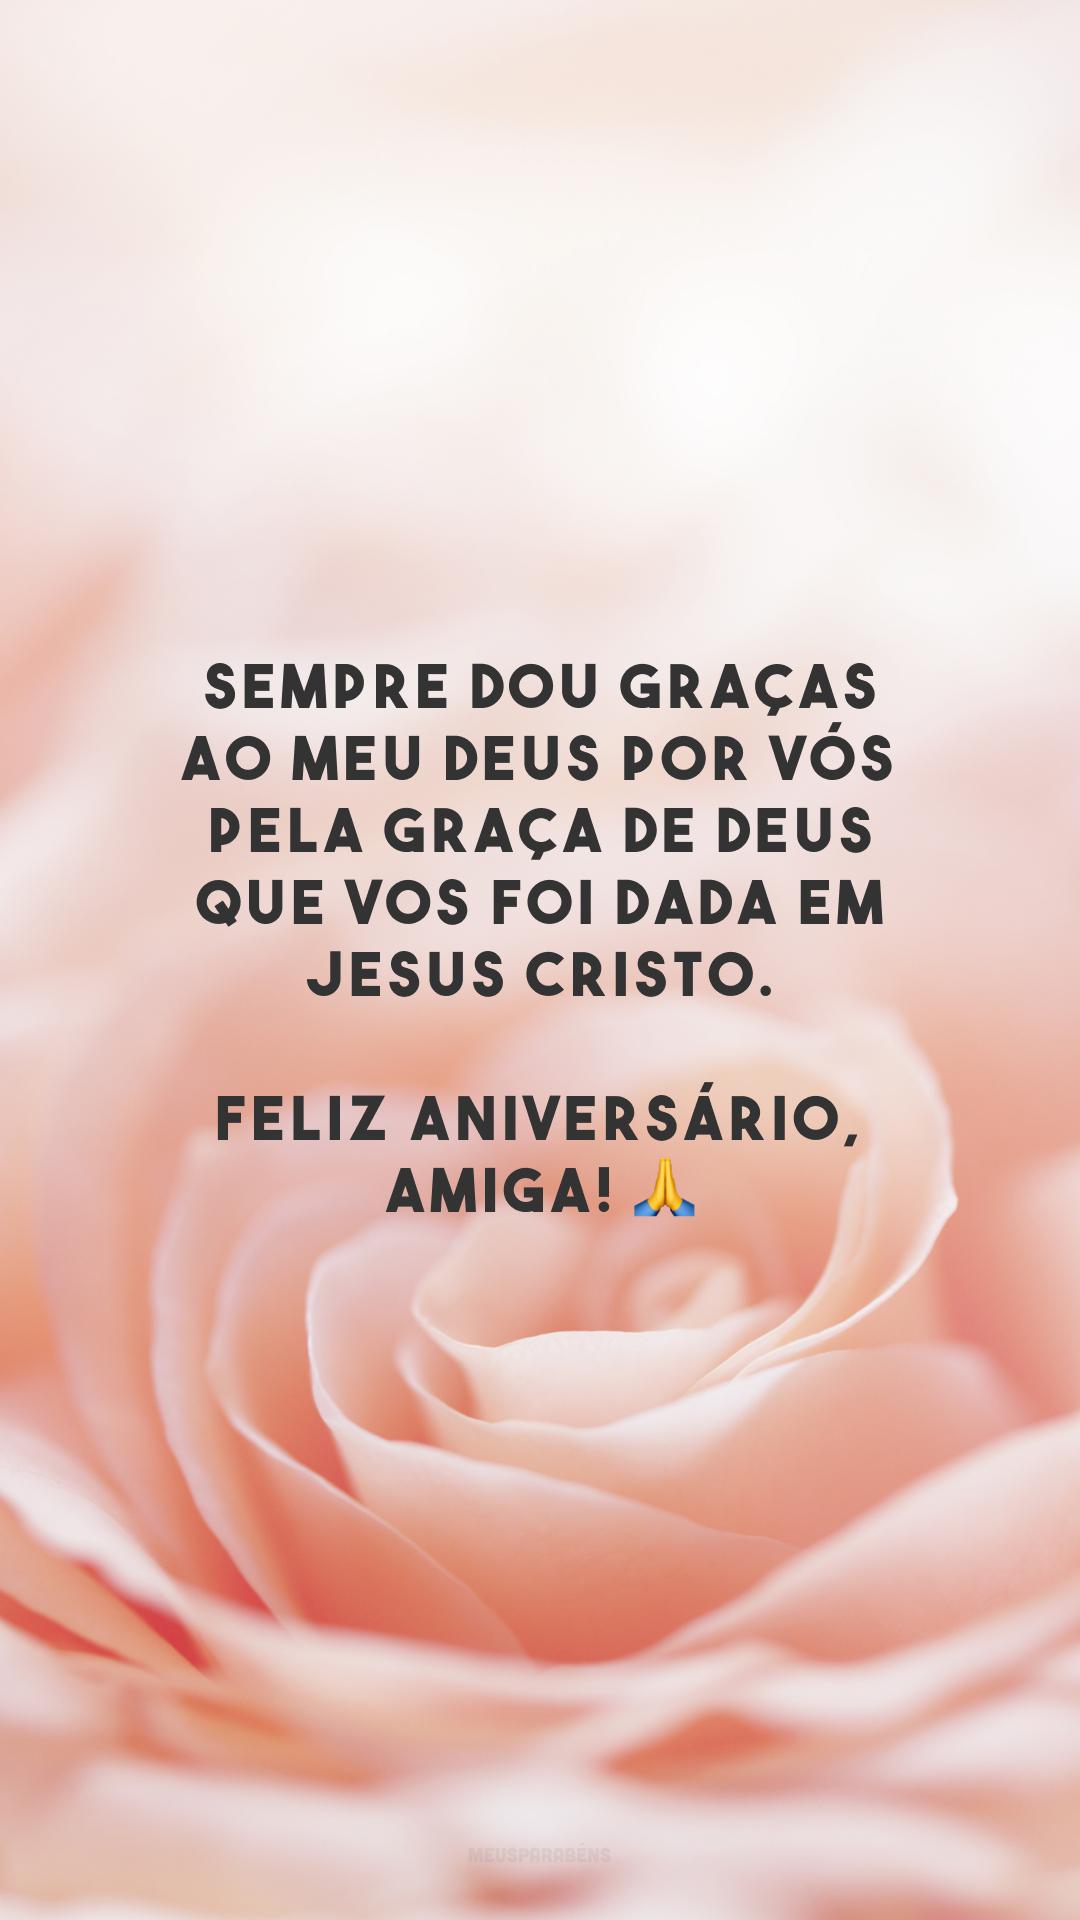 Sempre dou graças ao meu Deus por vós pela graça de Deus que vos foi dada em Jesus Cristo. Feliz aniversário, amiga! 🙏